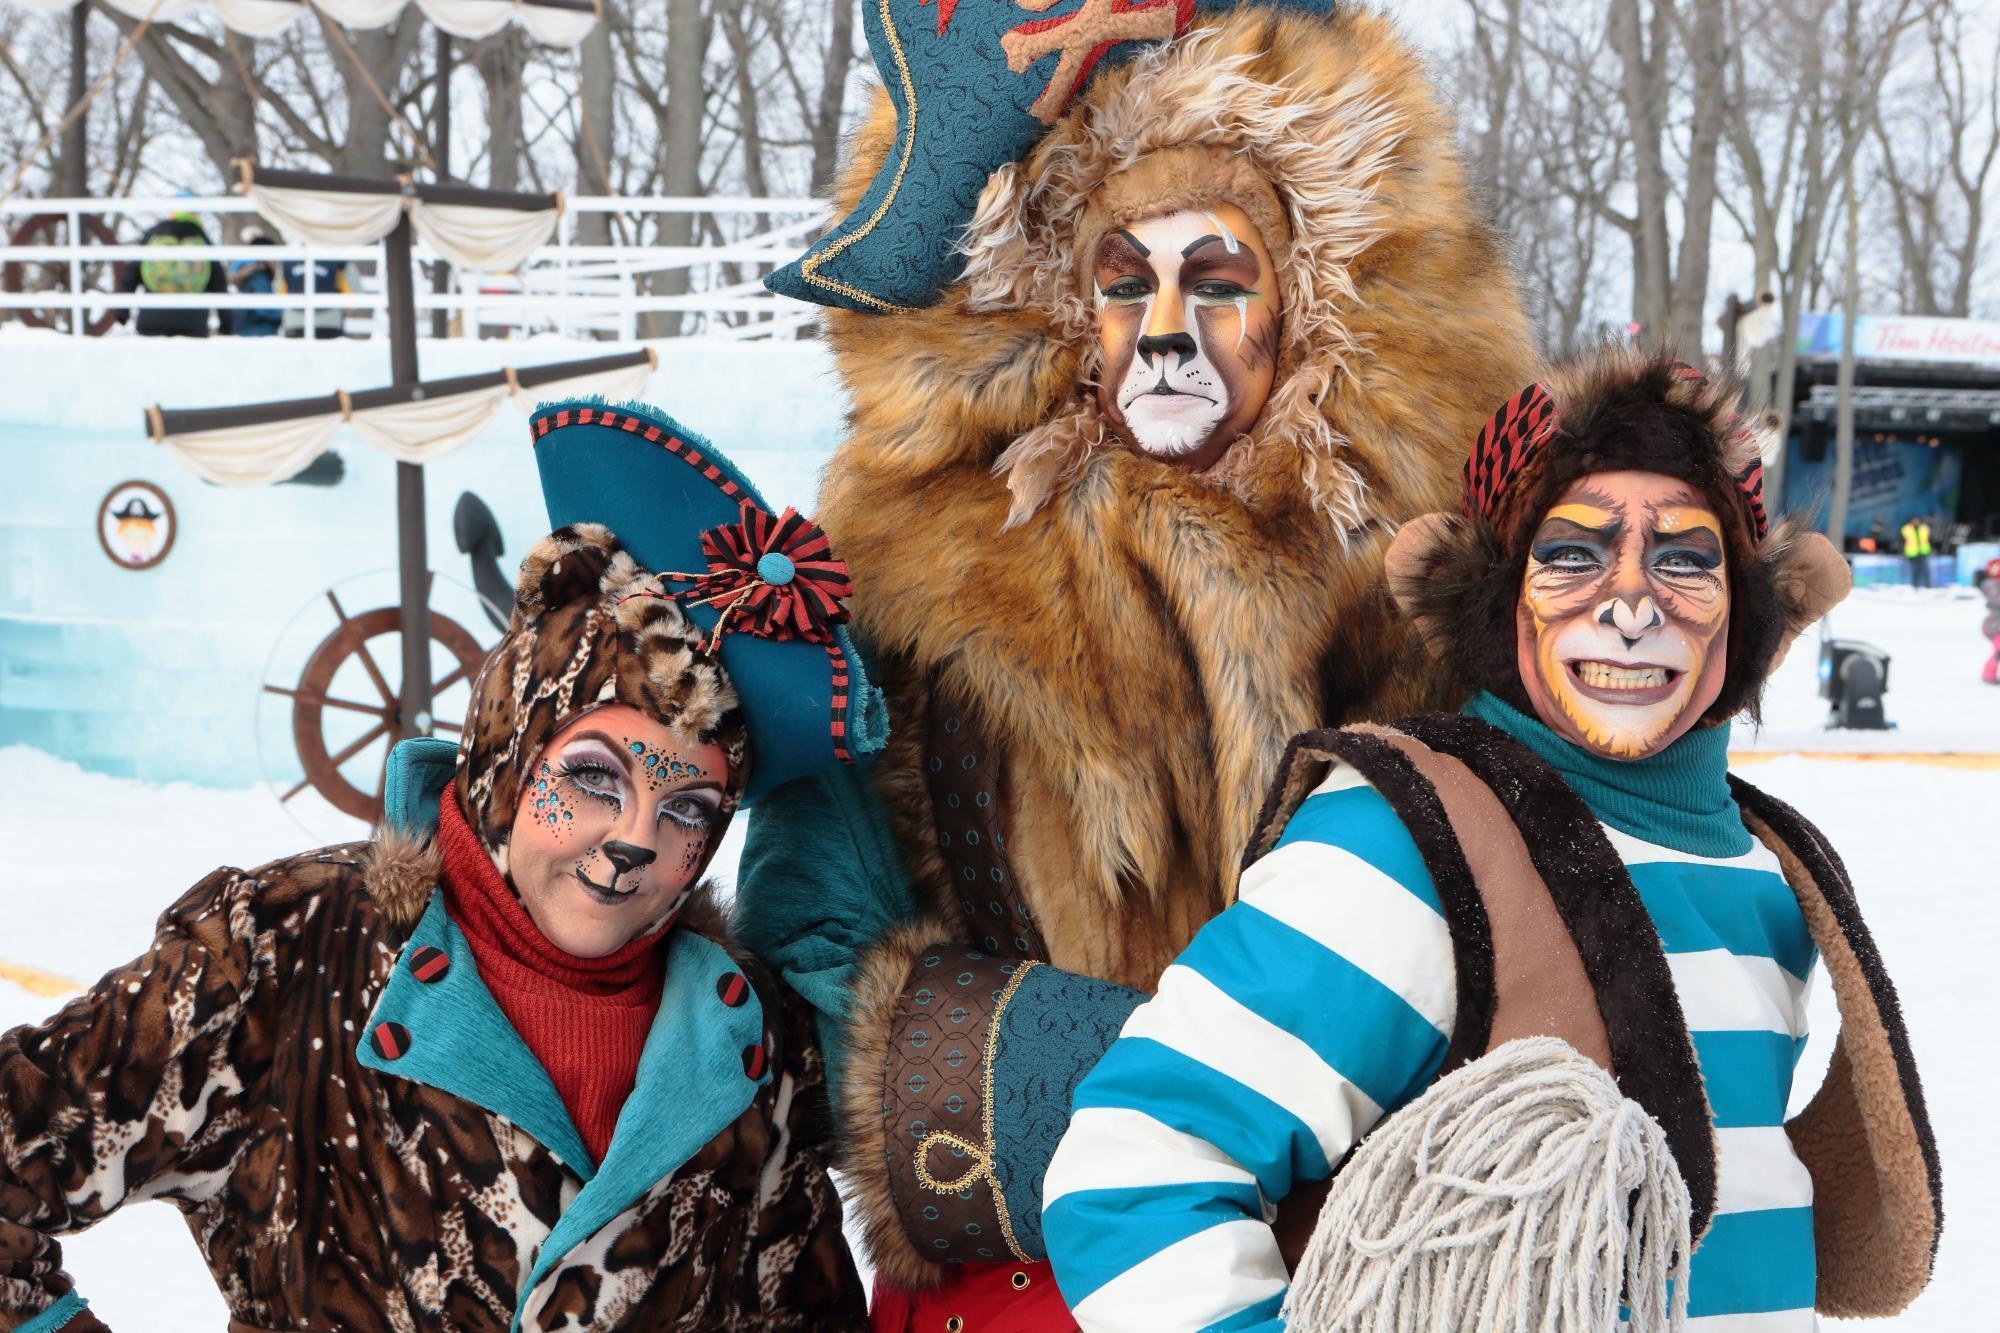 La fête des neiges de Montréal commence cette fin de semaine et on a une surprise pour vous